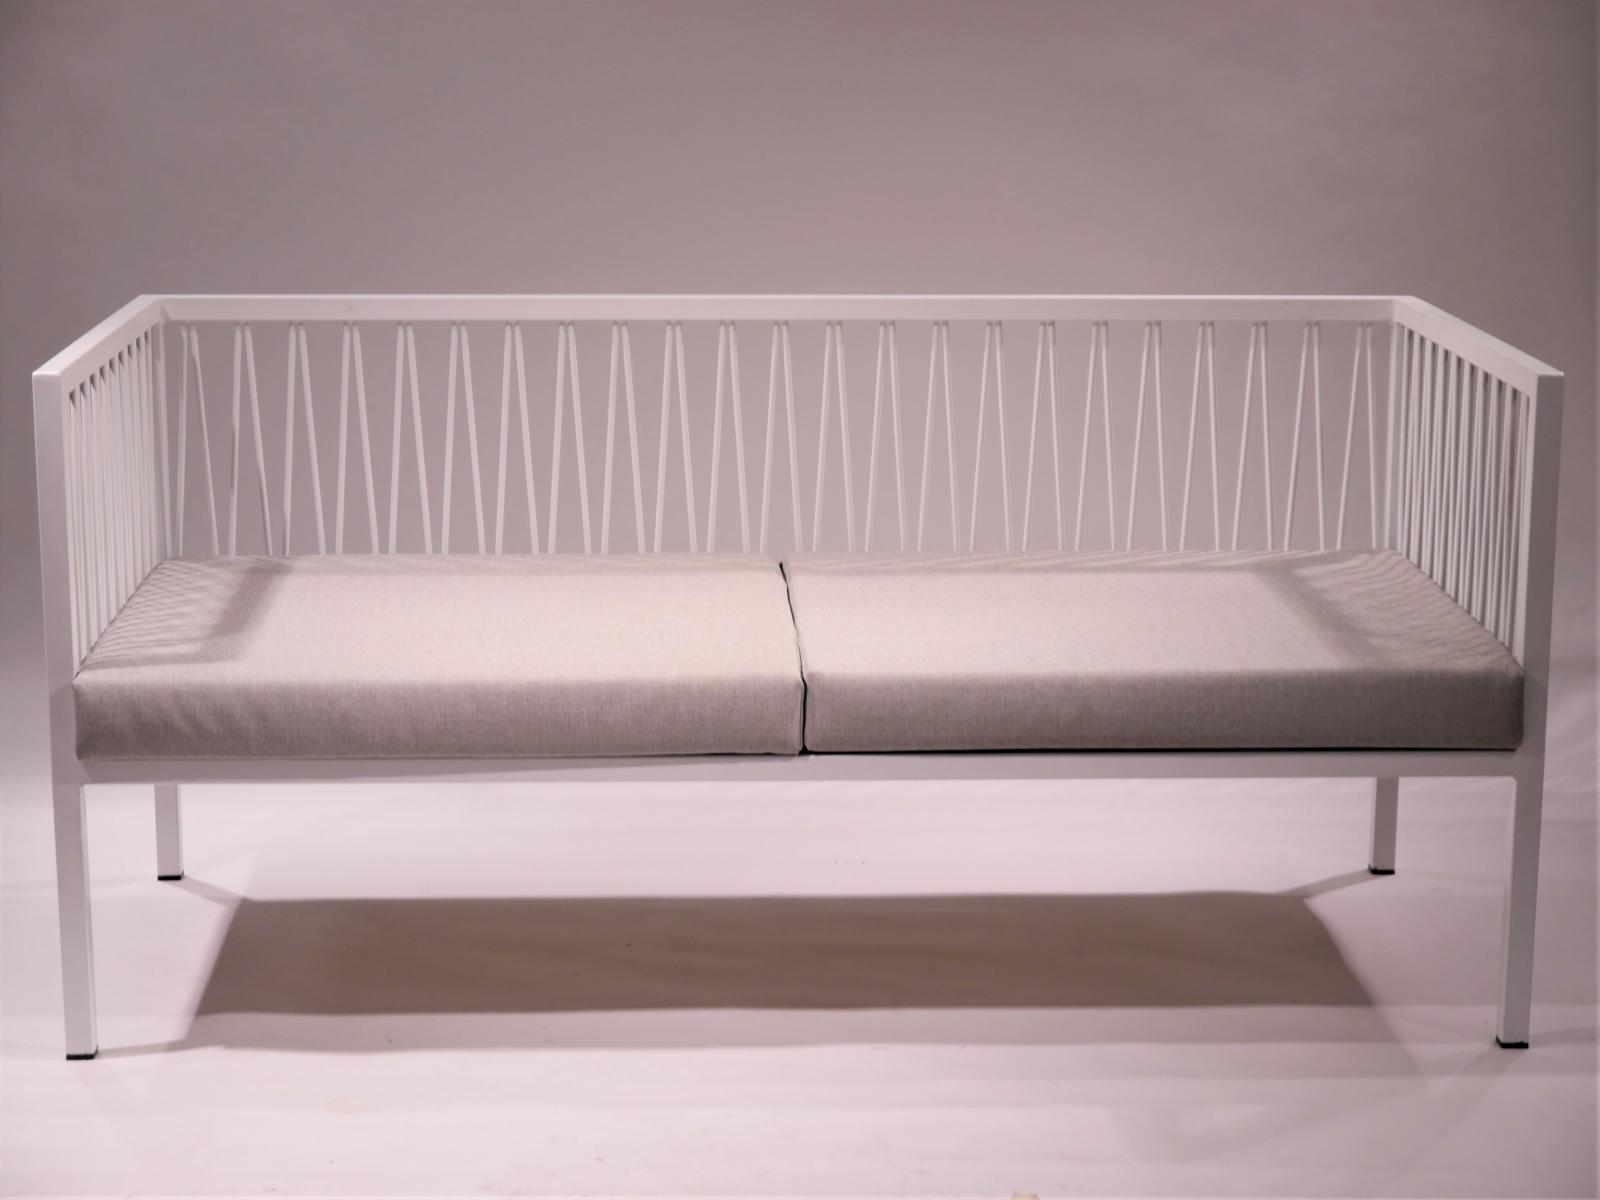 Sofa Montsant estructura de hierro lacada en blanco con asiento sintetico exterior